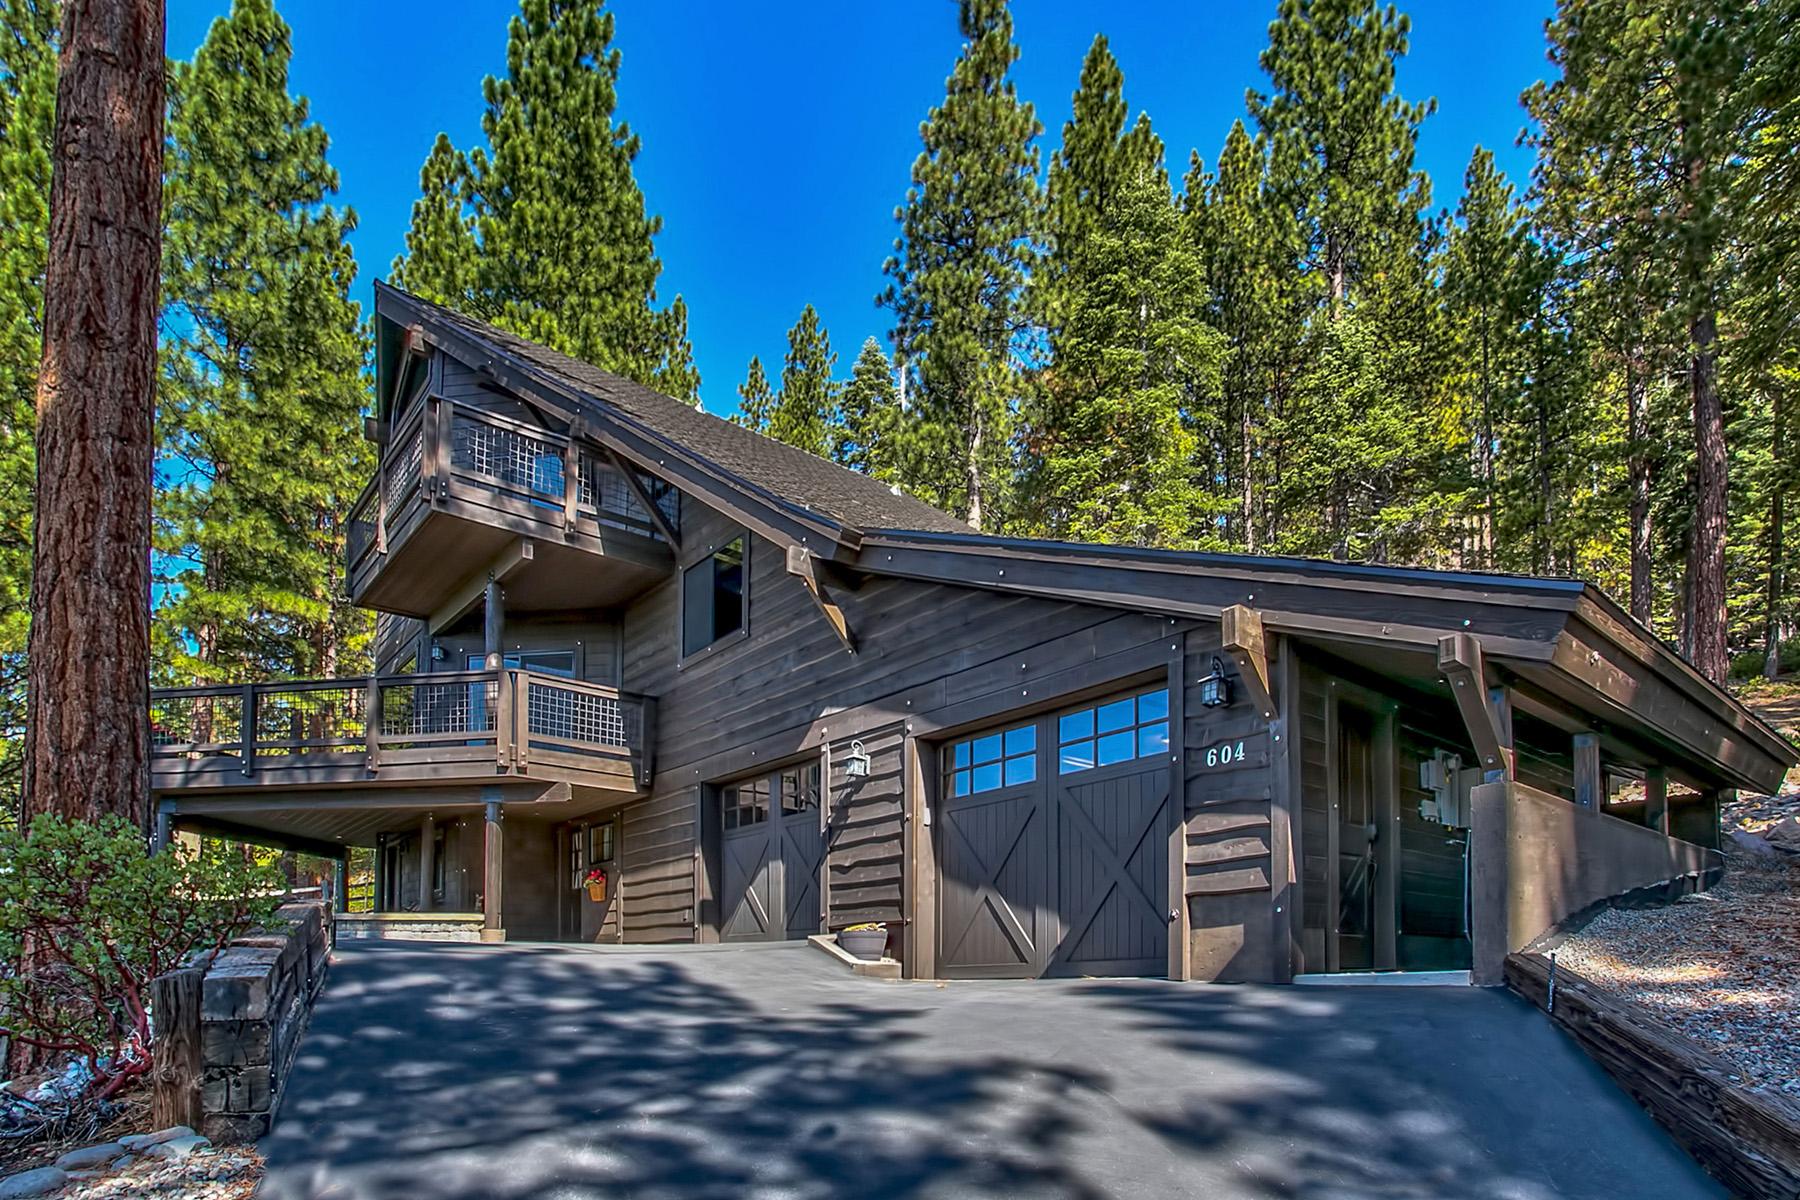 Maison unifamiliale pour l Vente à 604 Doeskin Court Incline Village, Nevada 89451 États-Unis